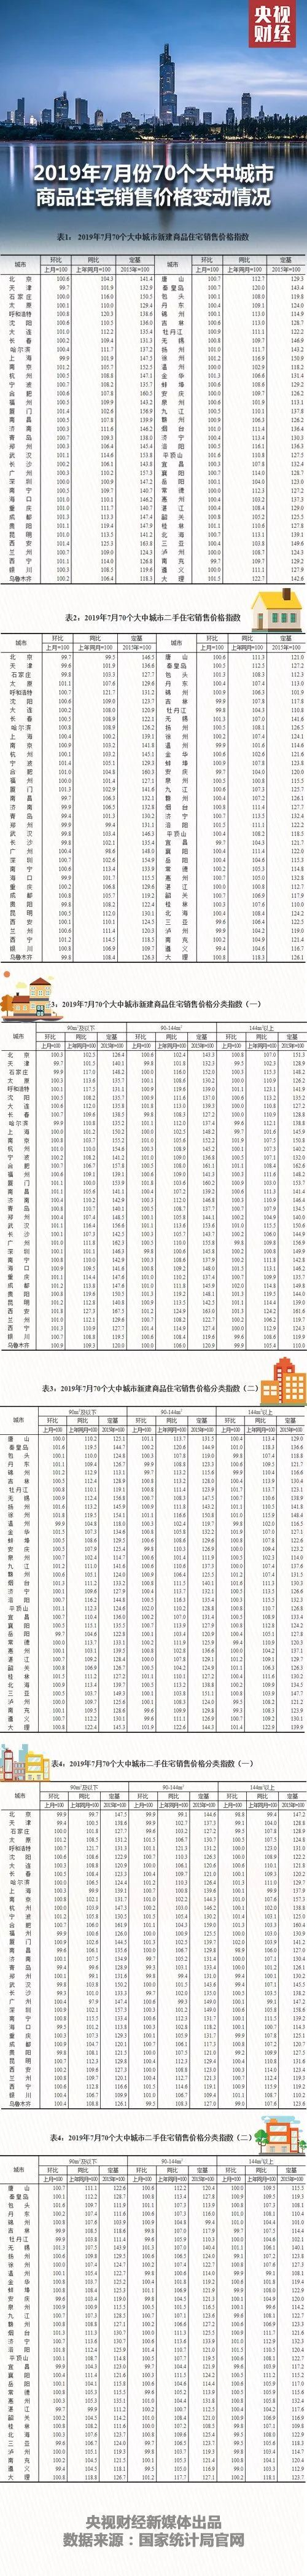 70城最新房价有重要变化!北京的二手房价都下降了 新房领涨的城市竟是它!